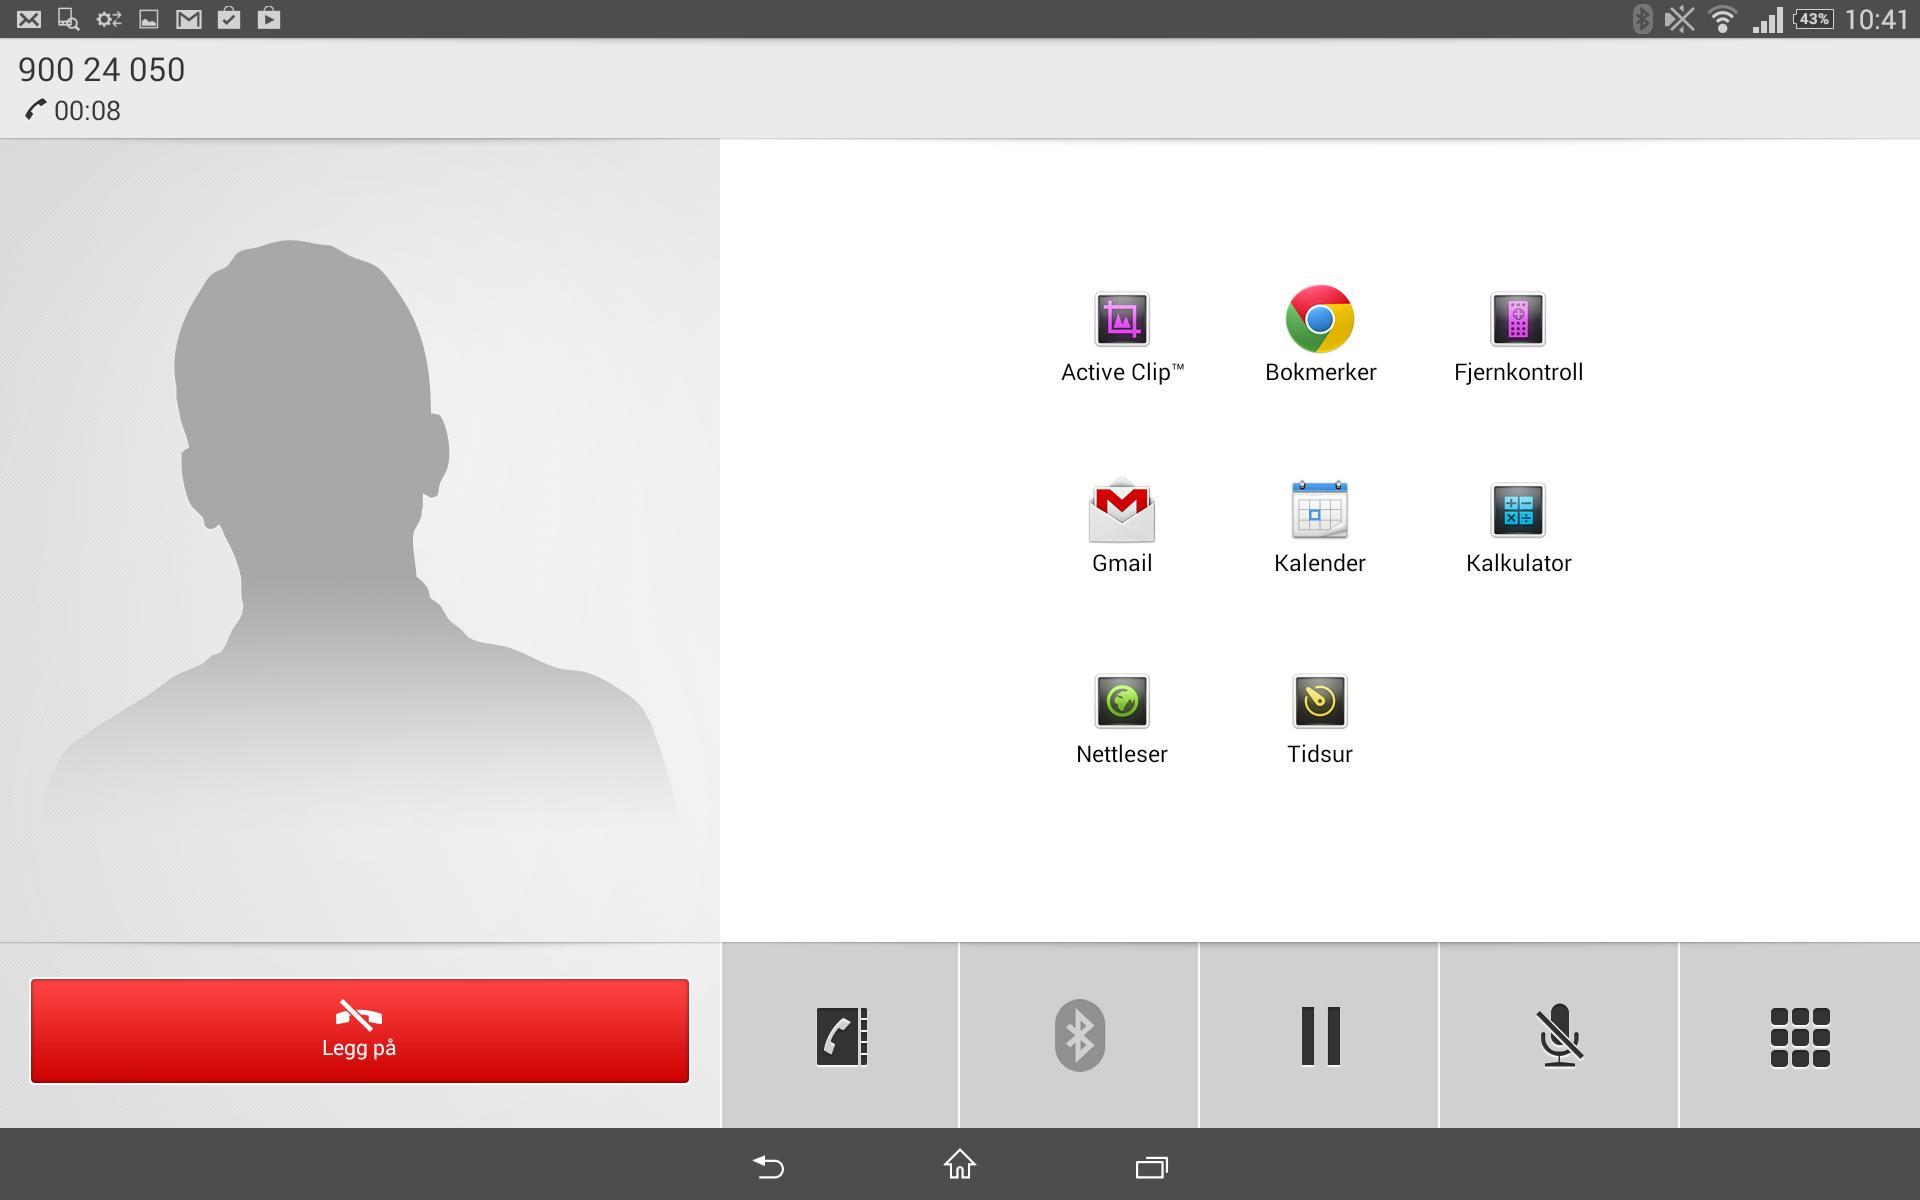 Jo da, du kan faktisk ringe med Xperia Tablet Z2 som med en annen mobiltelefon. Samtalen går høyttalende, så du bør kanskje tenke deg om før du ringer noen.Foto: Espen Irwing Swang, Amobil.no